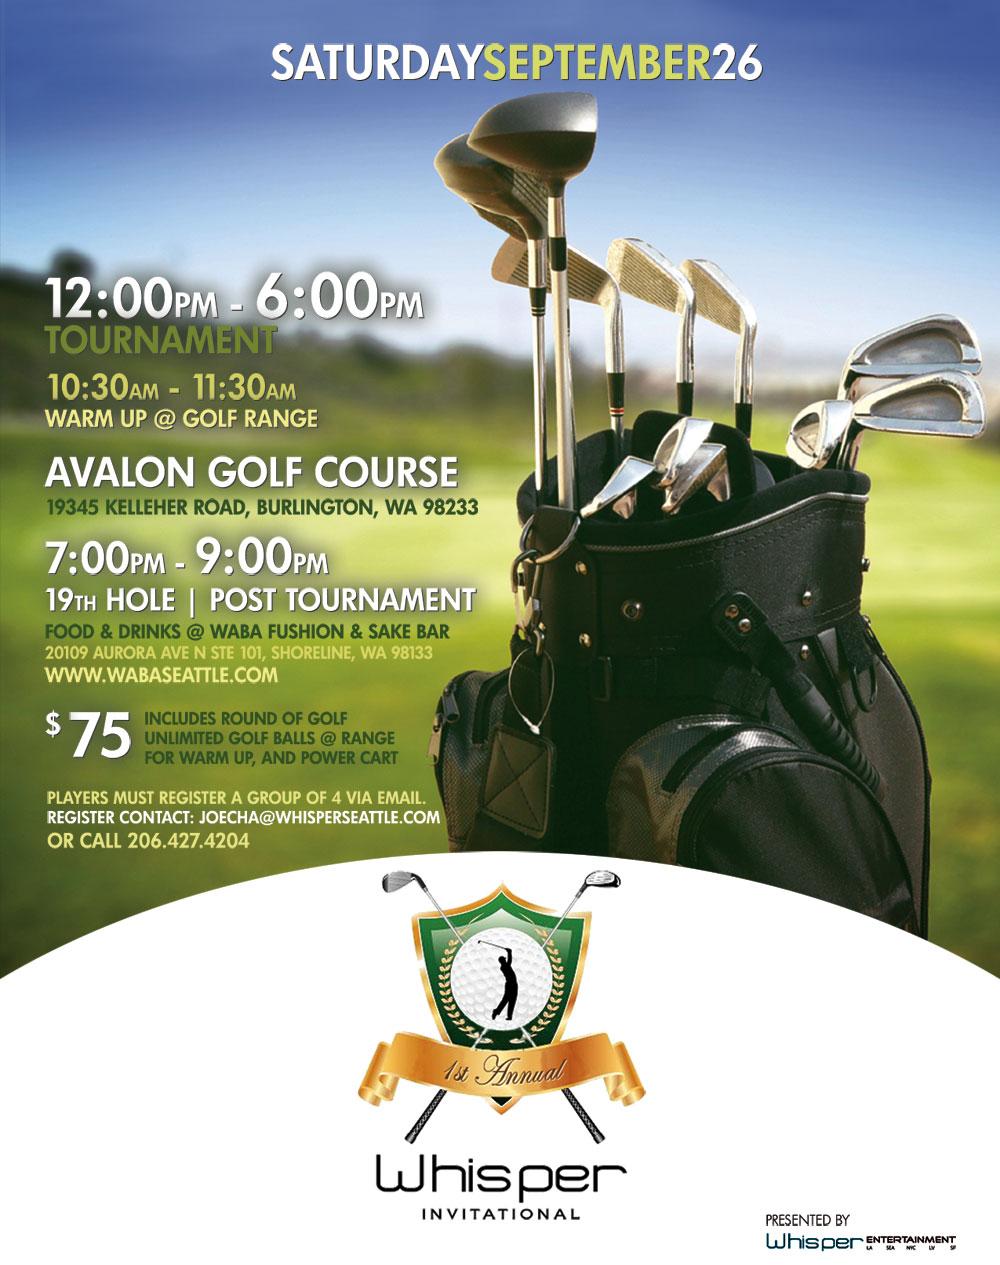 whisper-entertainment-golf-tournament-flyer.jpg